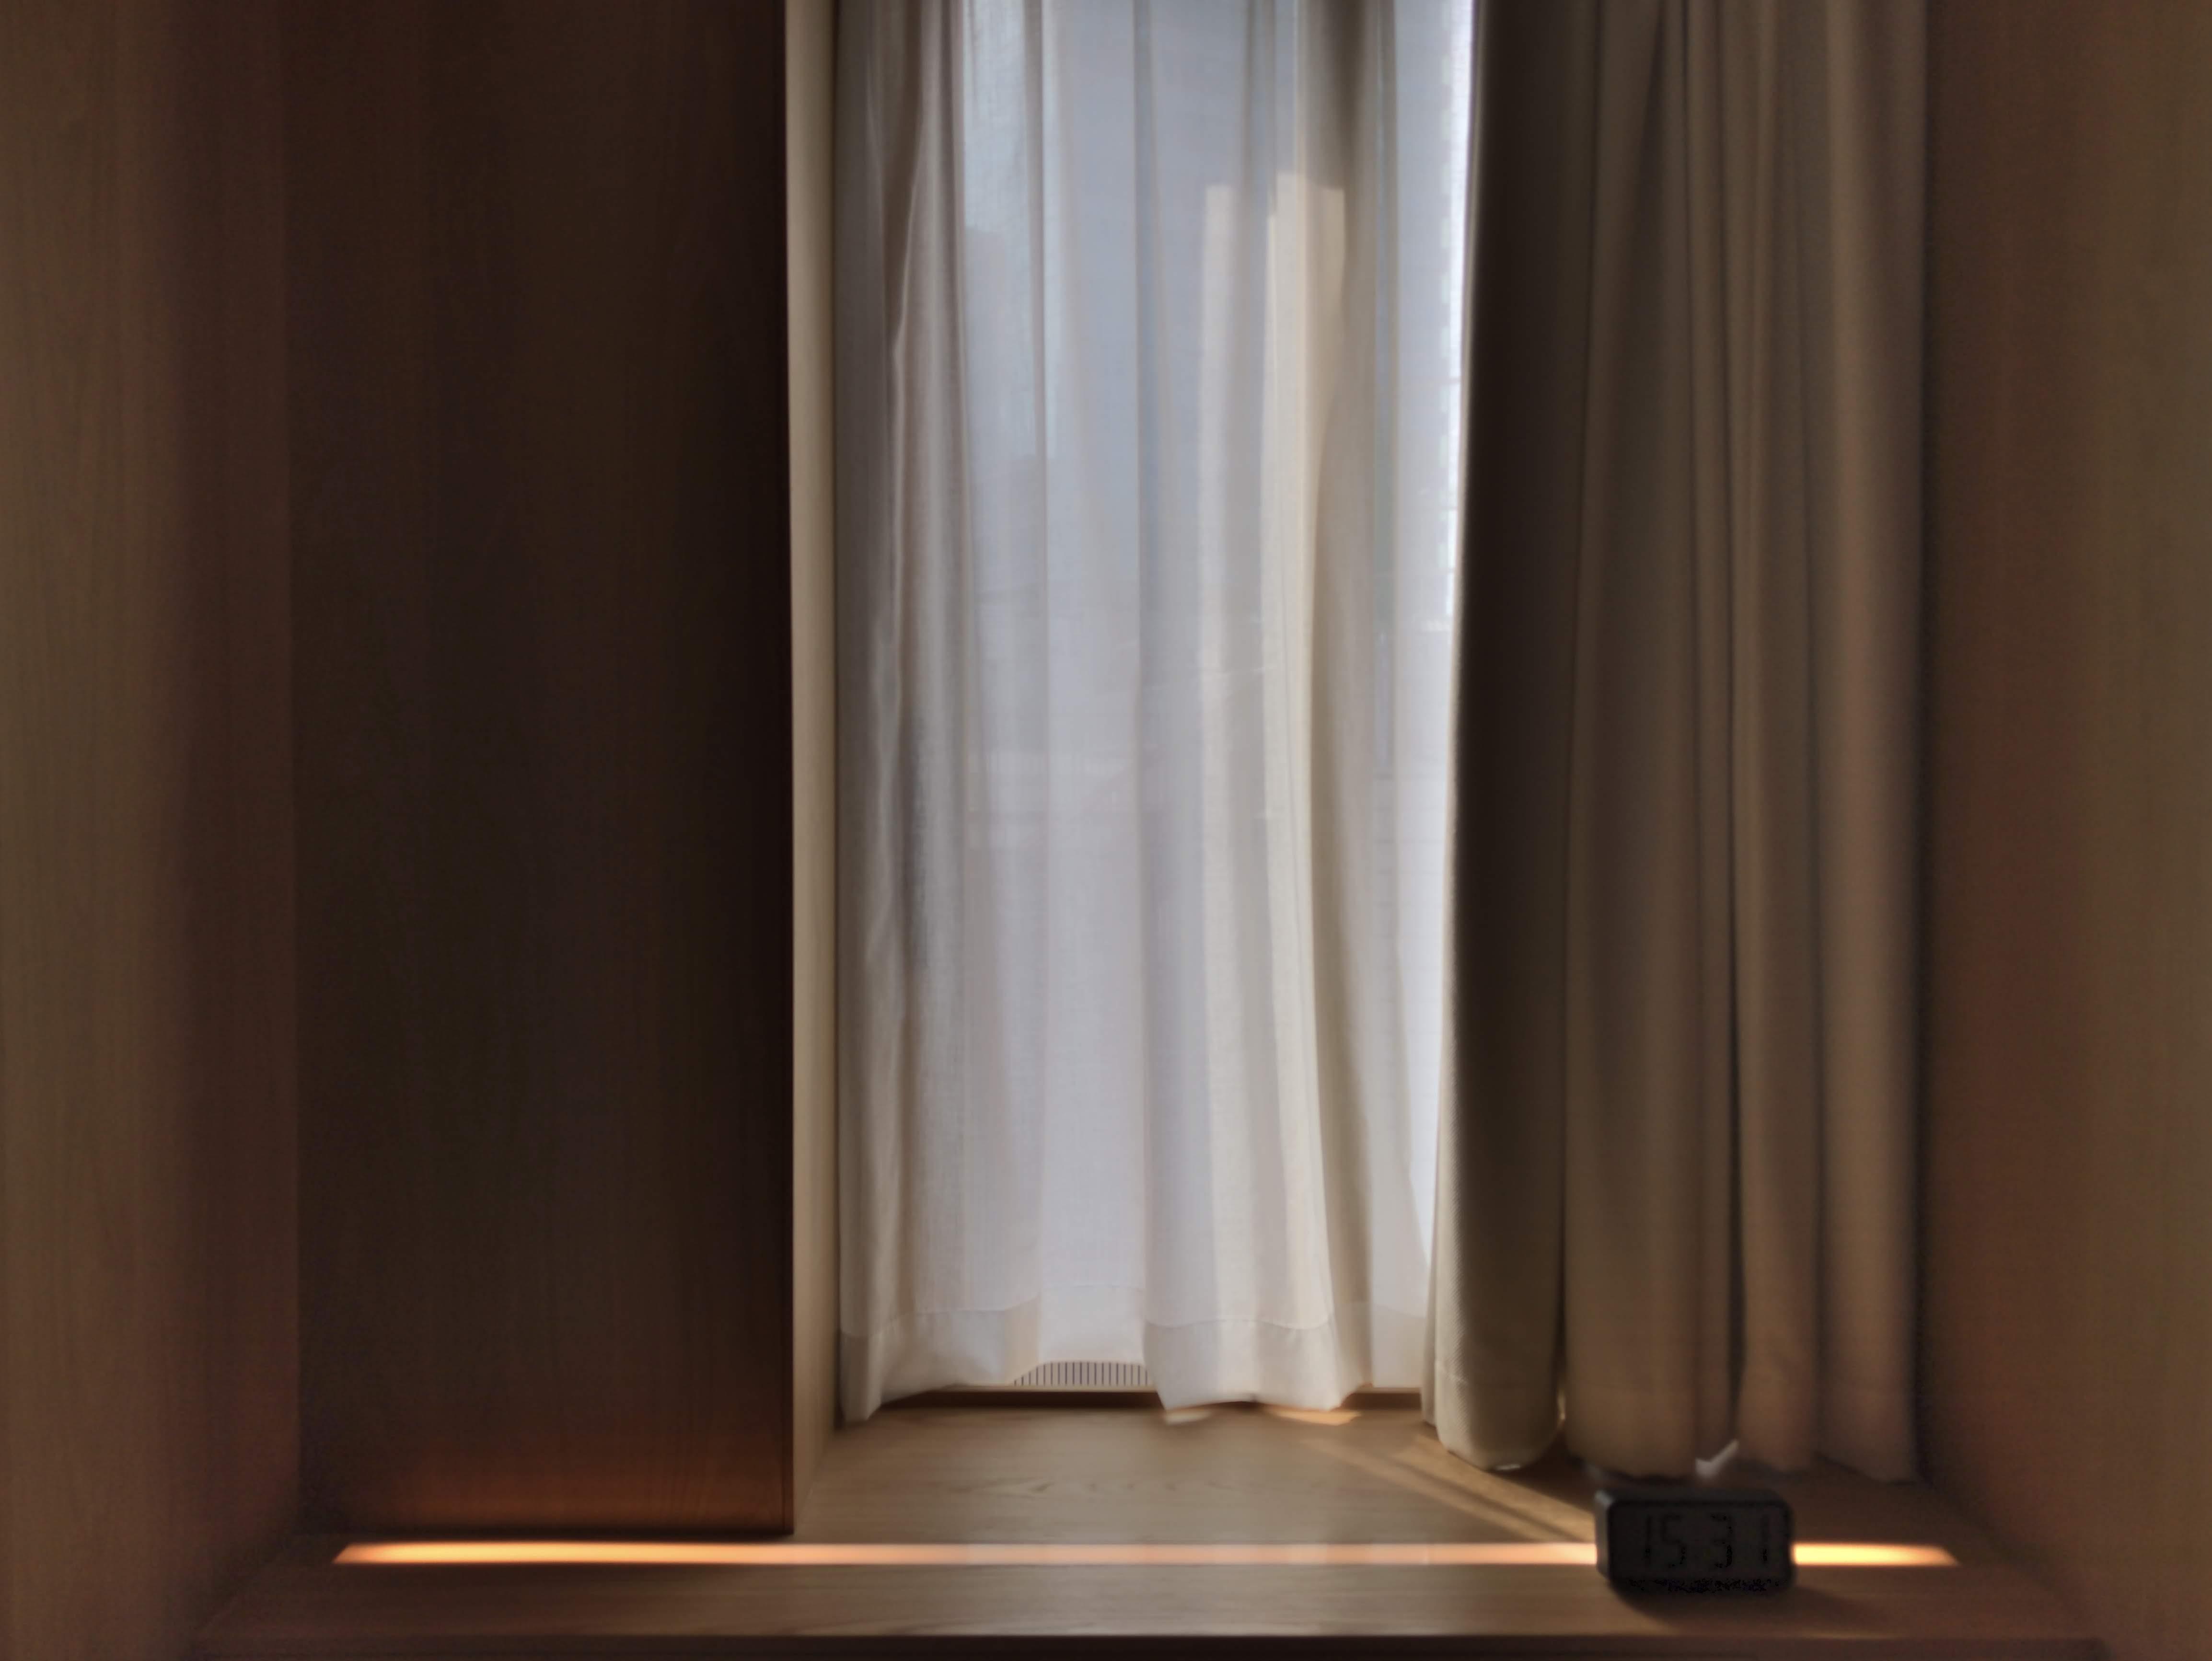 객실에 들어설 때면 센서가 동작을 인식해 두 겹의 커튼이 시간차를 두고 열리면서 기다란 객실로 햇볕이 들어선다. 무지 호텔 선전과 동일한 방식으로 투숙객을 환영하는 느낌이 일관성 있게 전해진다. ©이승준